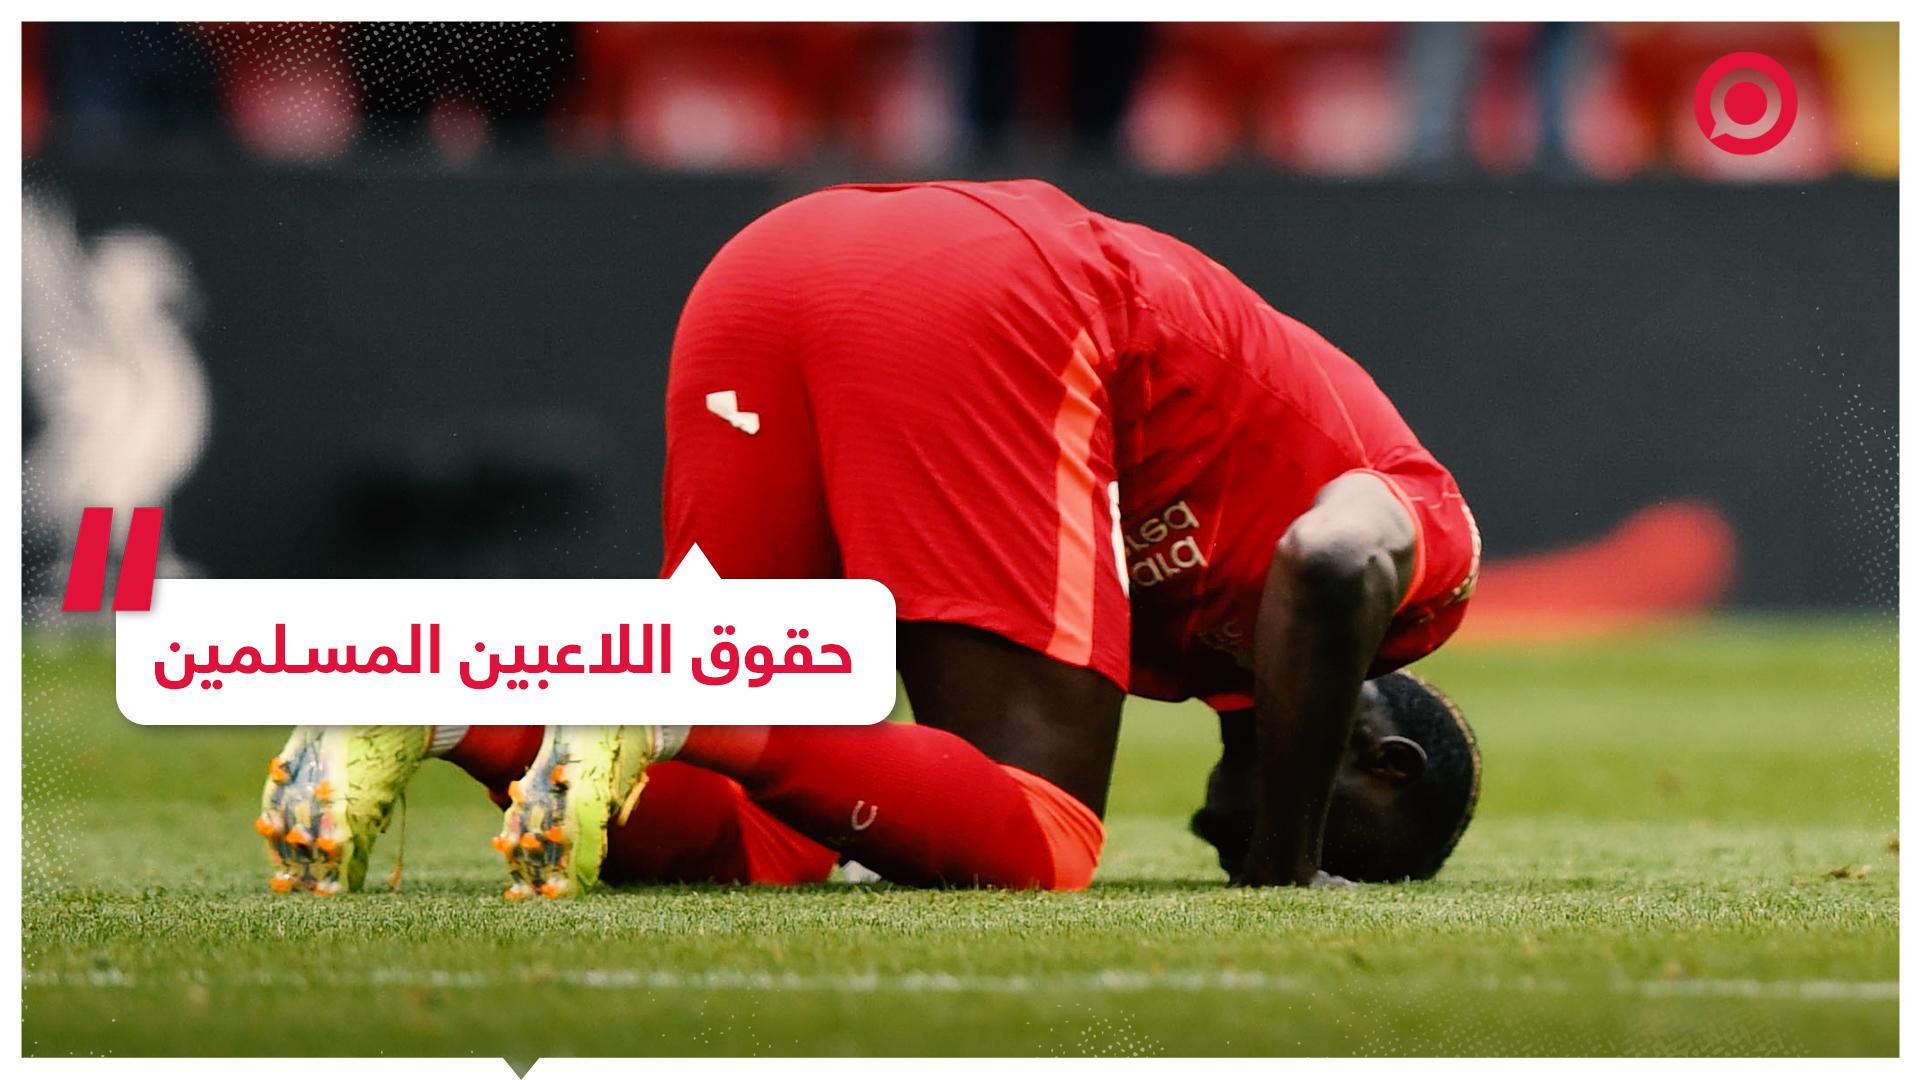 ميثاق حماية حقوق الرياضيين المسلمين